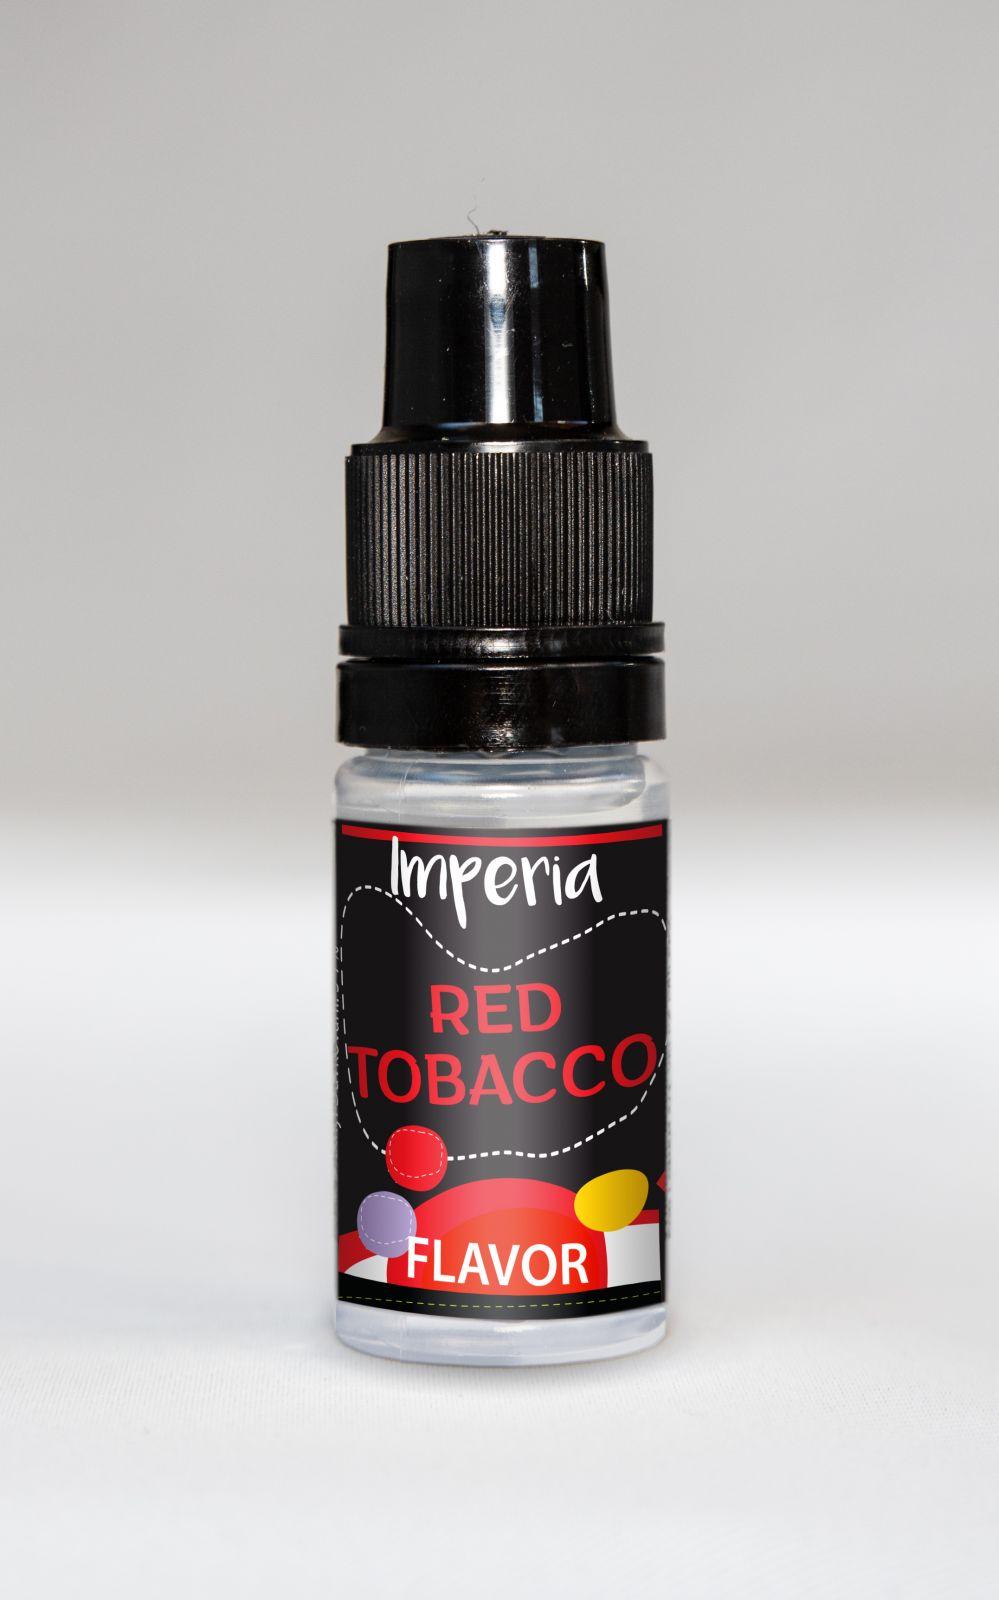 RED TOBACCO - Aroma Imperia Black Label Boudoir Samadhi s.r.o.